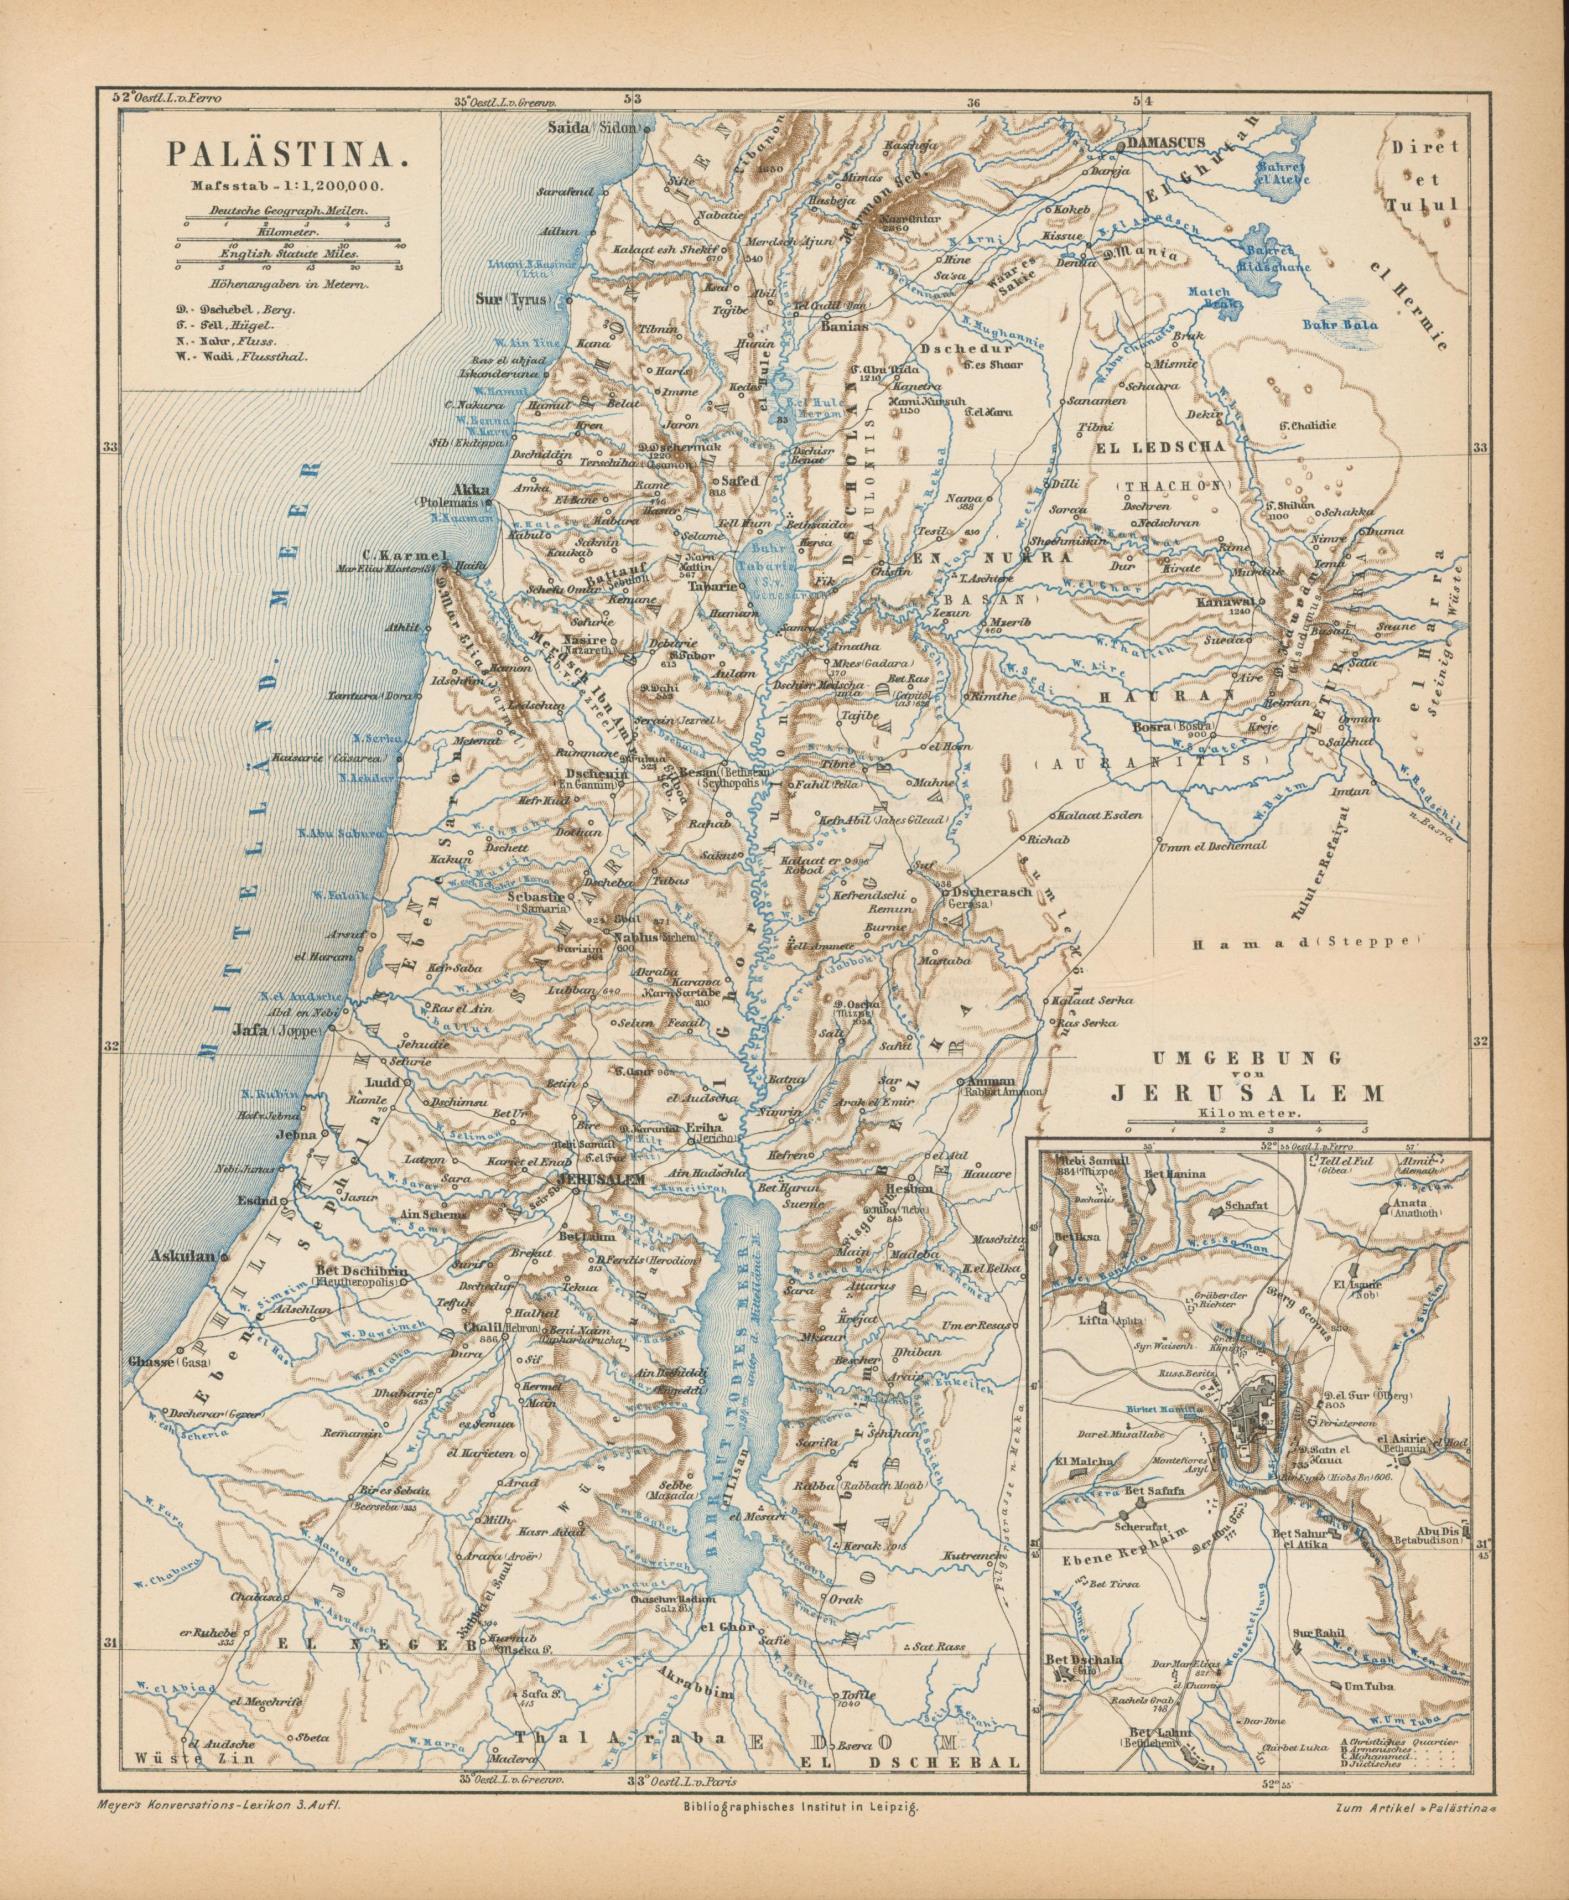 Palästina von 1874,Maßstab 1:1.200.000: Historische Landkarte KEIN